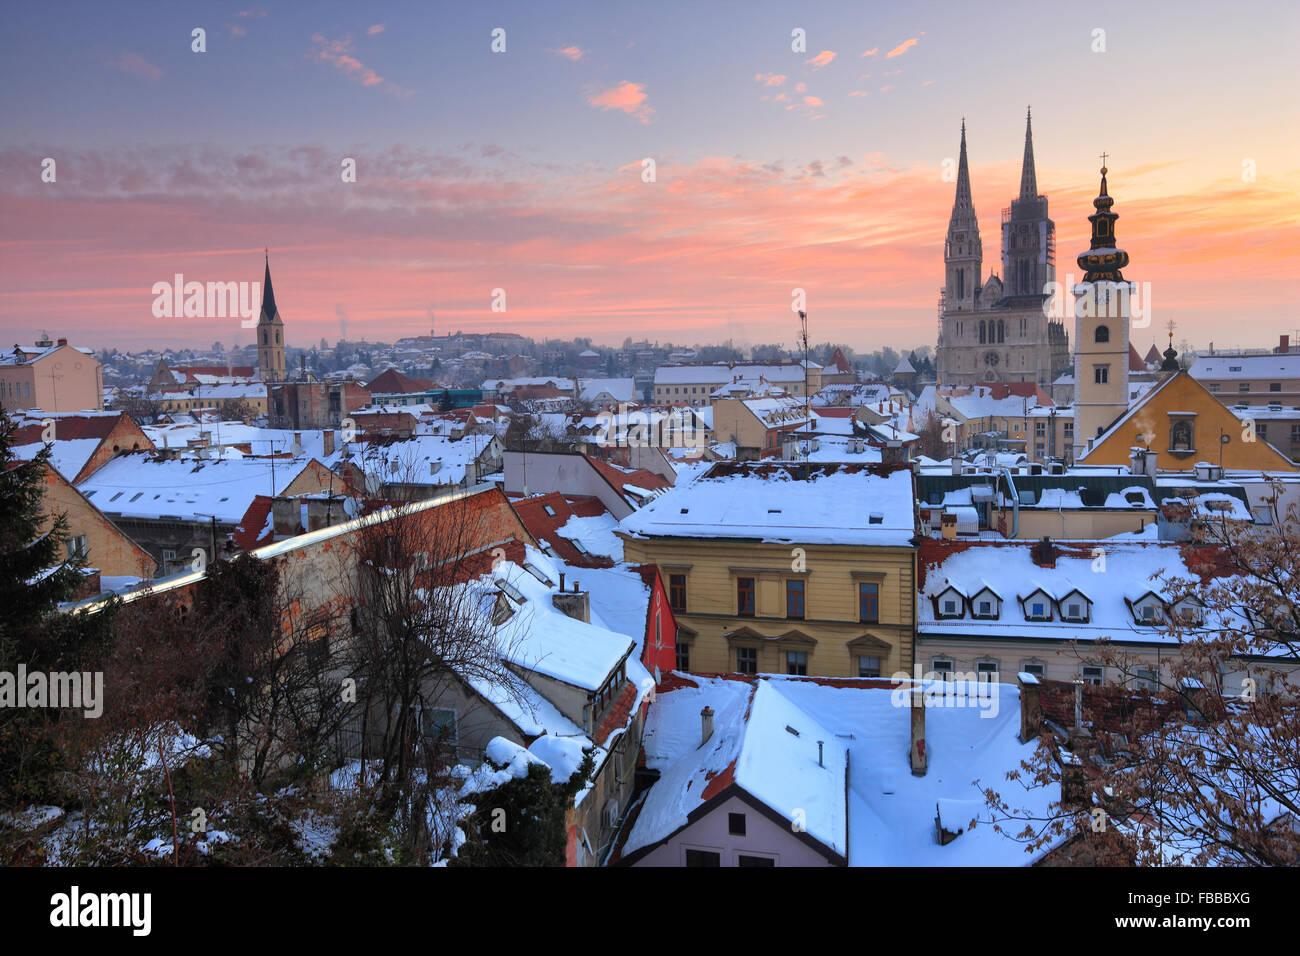 Panorama de Zagreb en invierno. Catedral en la parte posterior de la imagen. Imagen De Stock